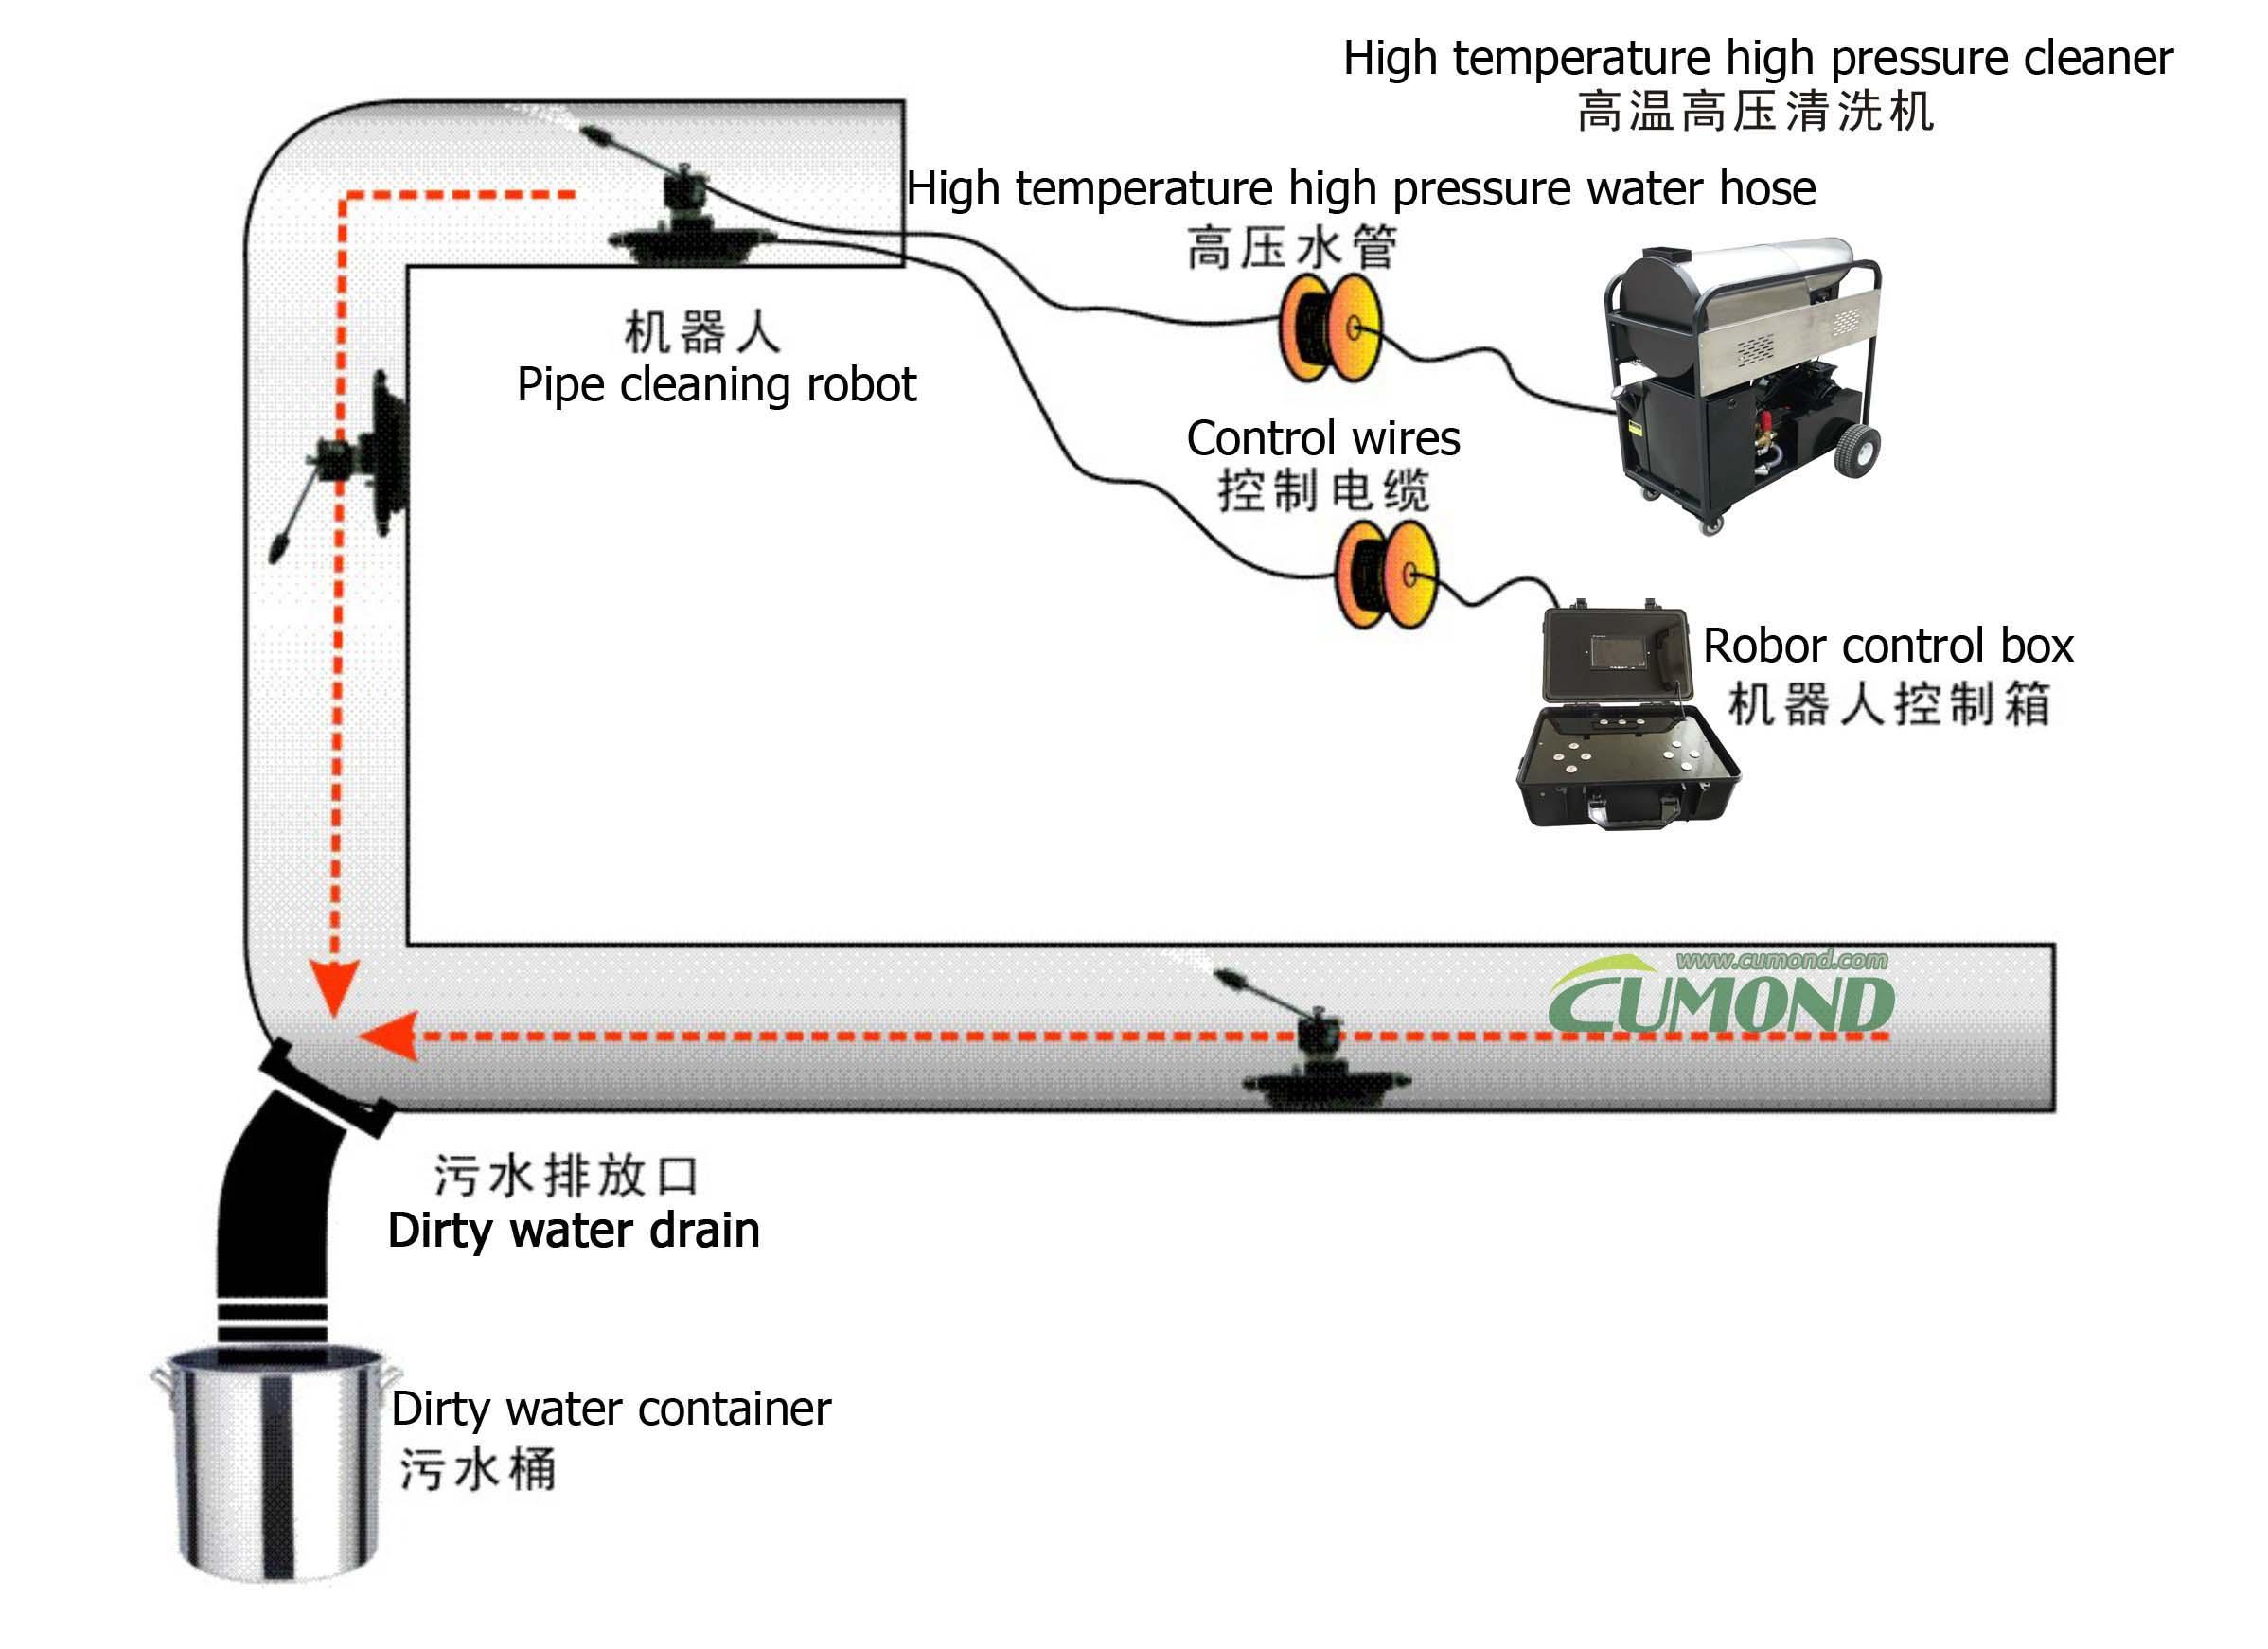 油烟管道清洗机器人工作原理CUMOND.jpg